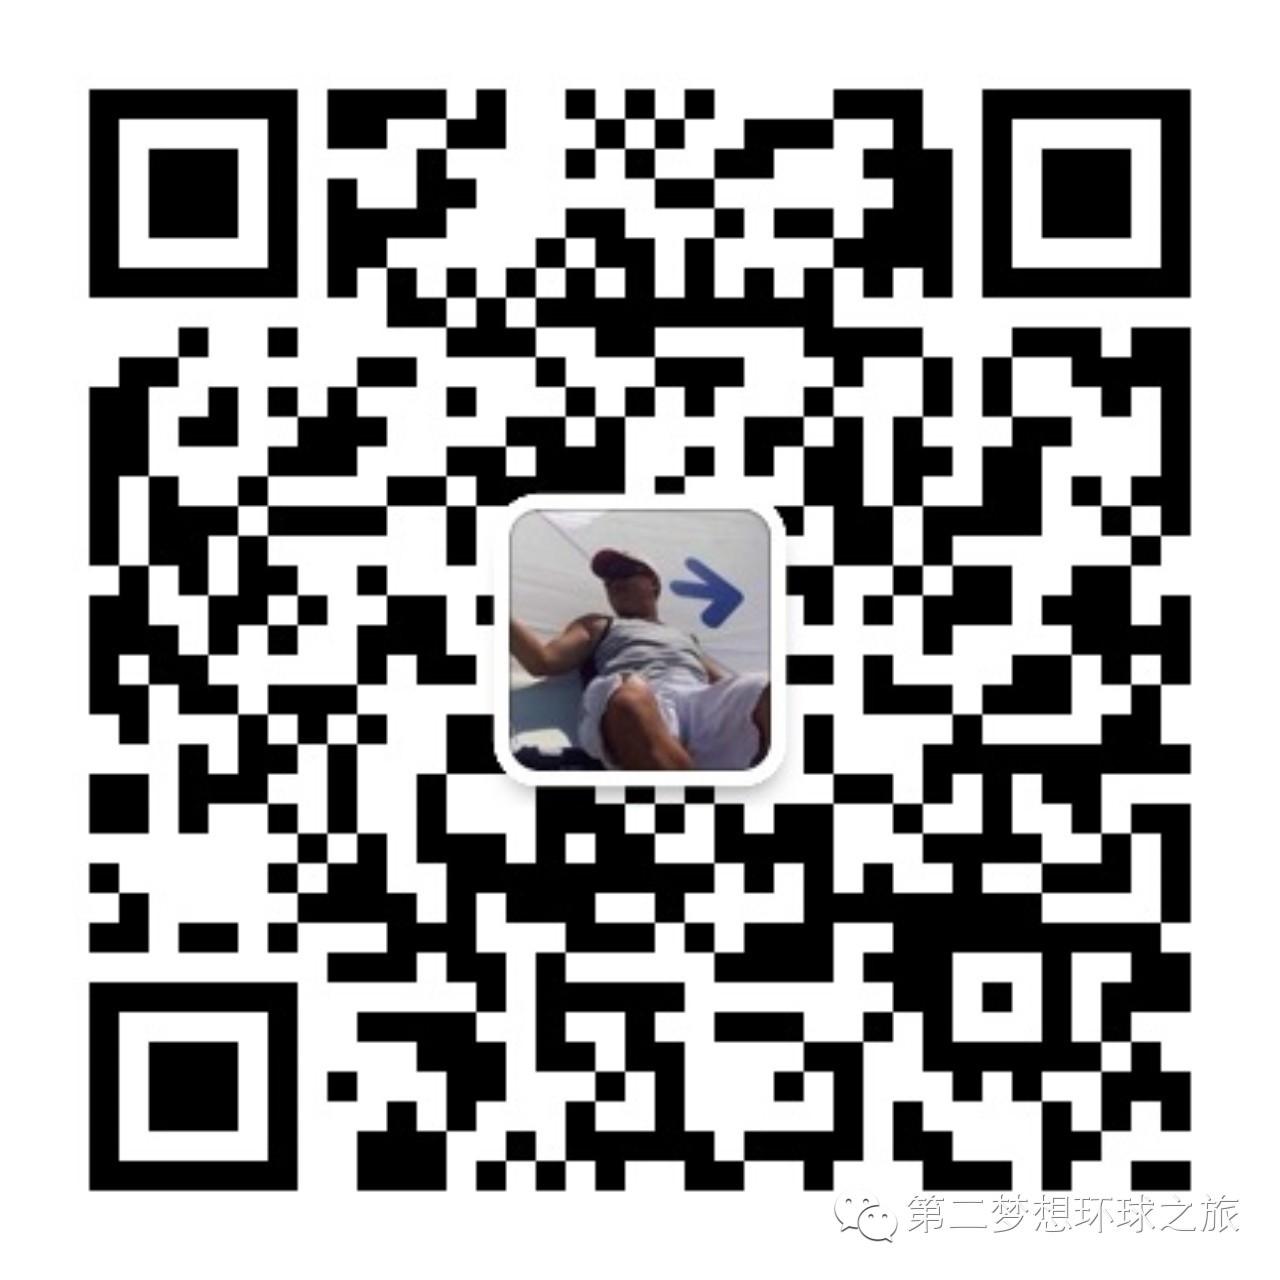 泸州老窖,南太平洋,乌斯怀亚,阿根廷,白龙马 征服合恩角全记录(4)——坚持